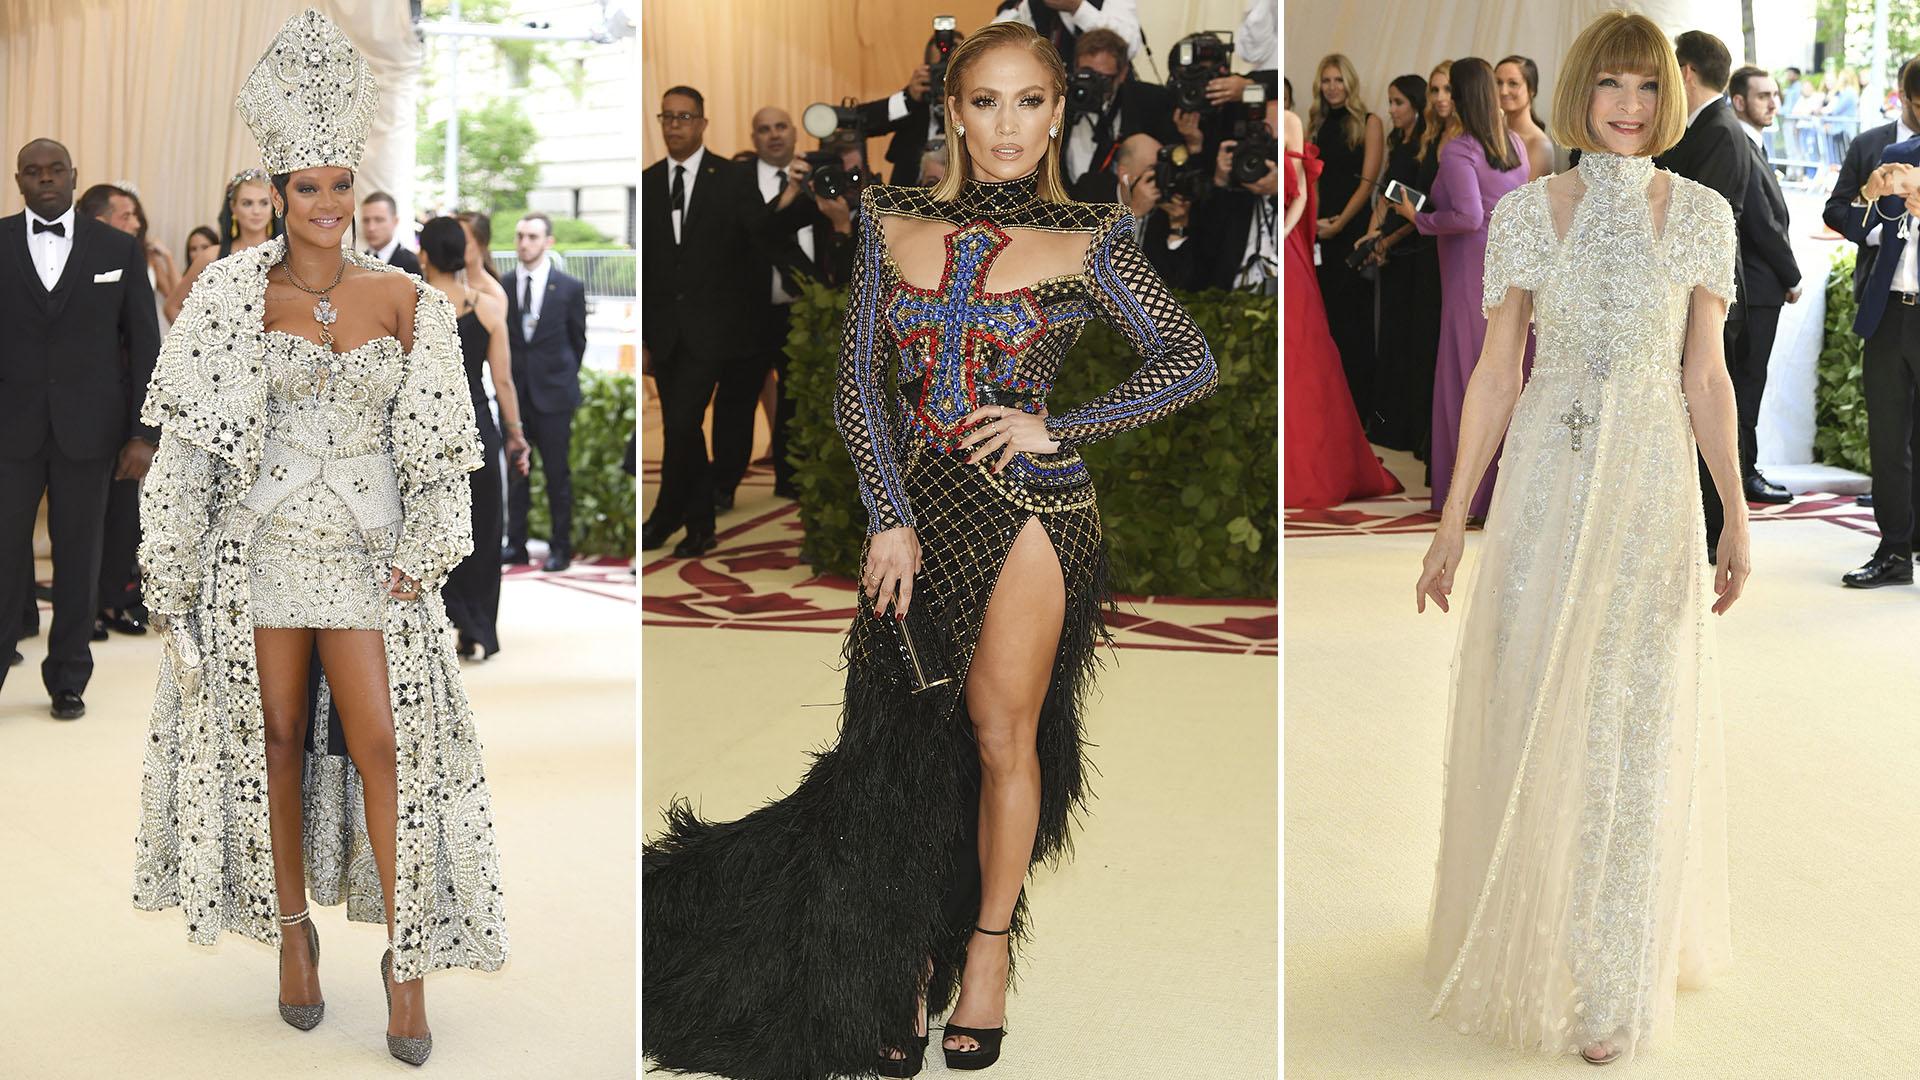 Anna Wintour encargada de posicionar y organizar el evento fashionista más imporante del mundo: la Met Gala